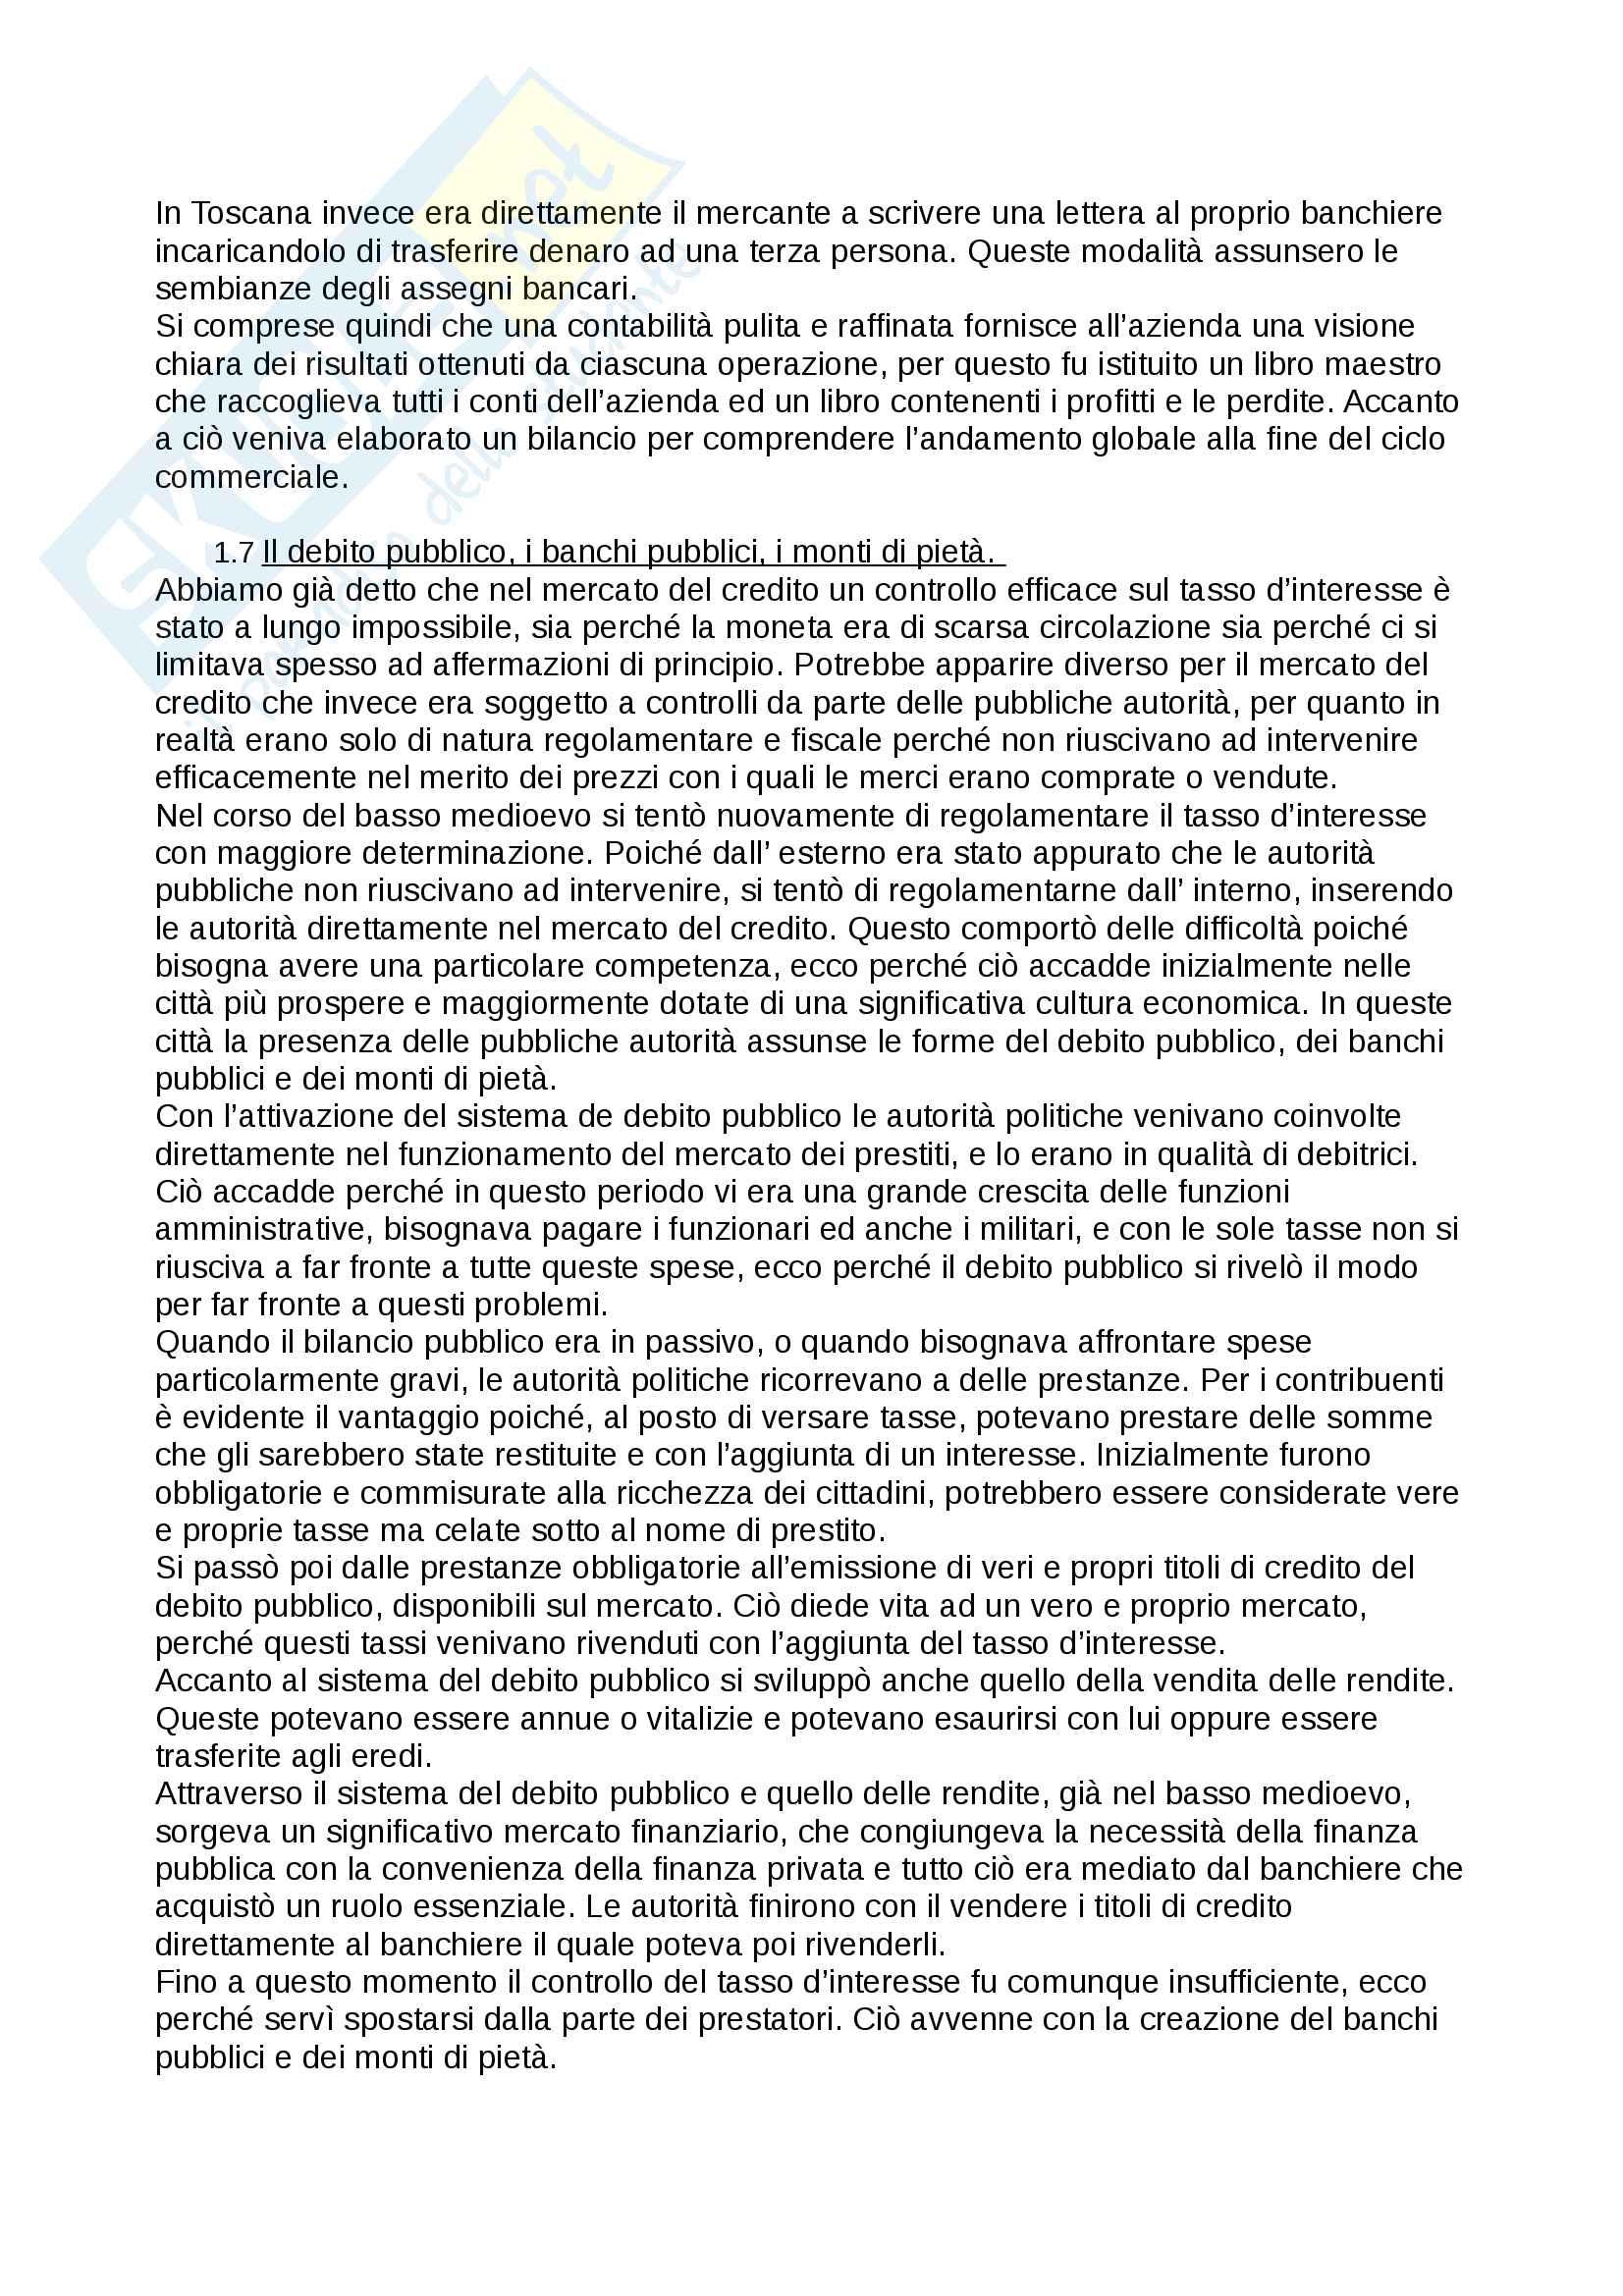 """Riassunto esame storia medievale,prof. Francesco Senatore, libro consigliato """"la banca e il credito nel medioevo"""", Palermo. Pag. 6"""